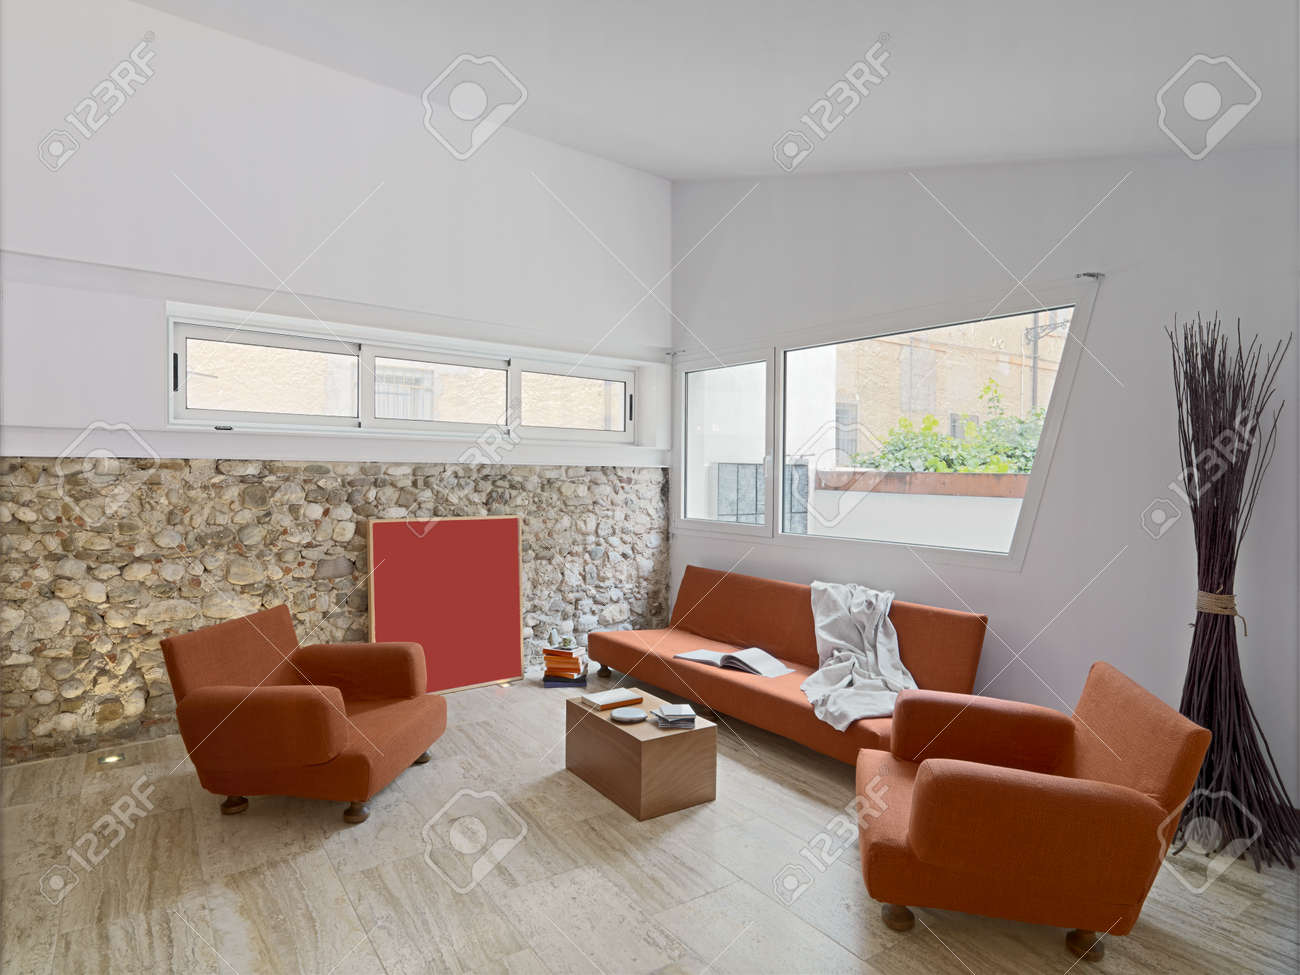 Orange Sofa Living Room Interior View Of A Modern Living Room With Orange Sofa Ans Marble